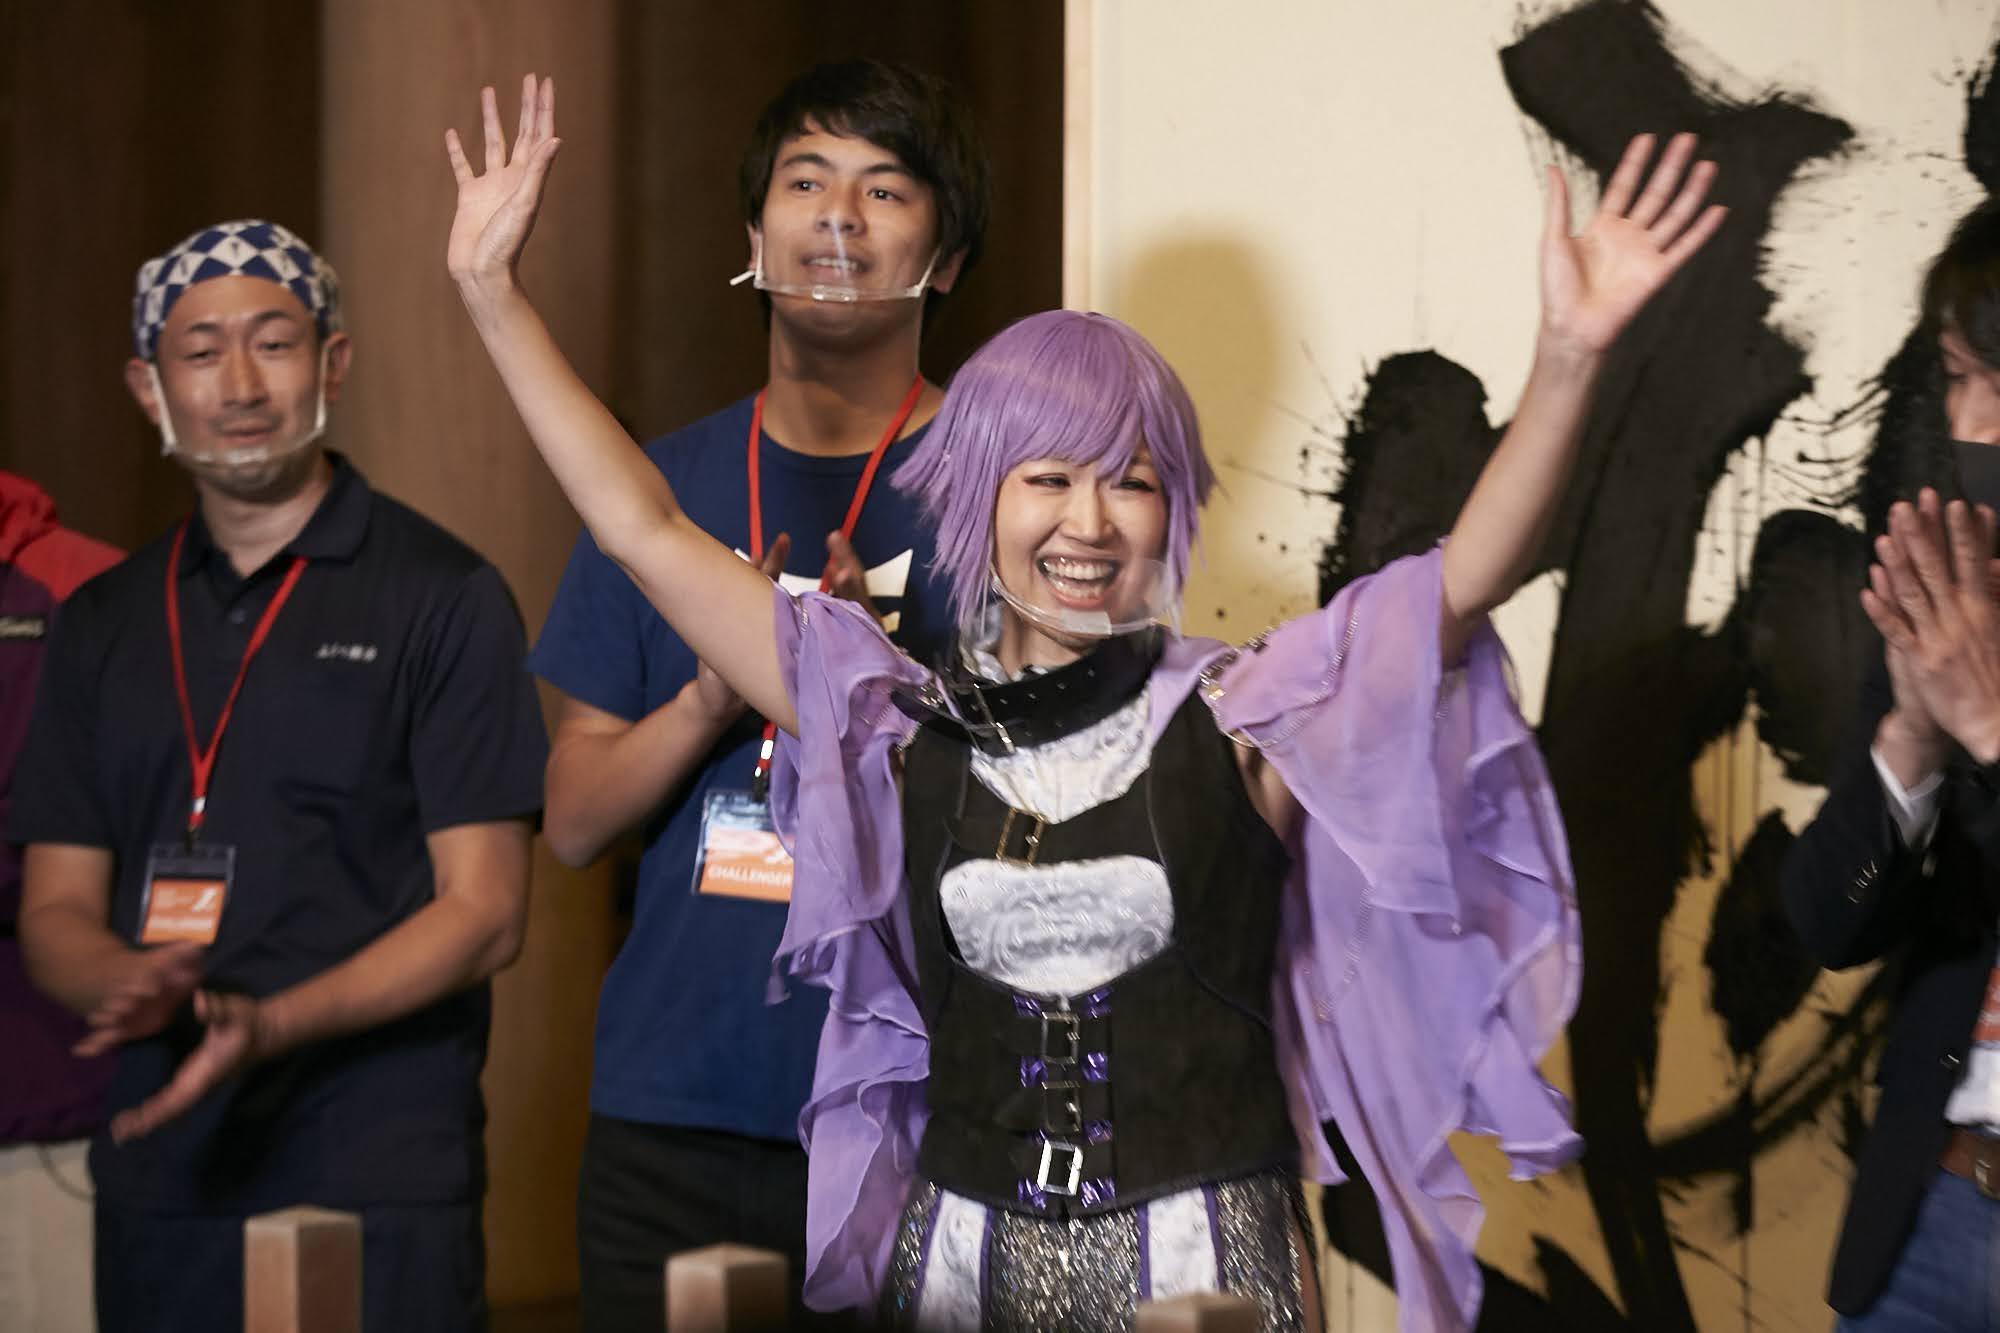 グランプリに輝いたのは、コノミアキラさん!